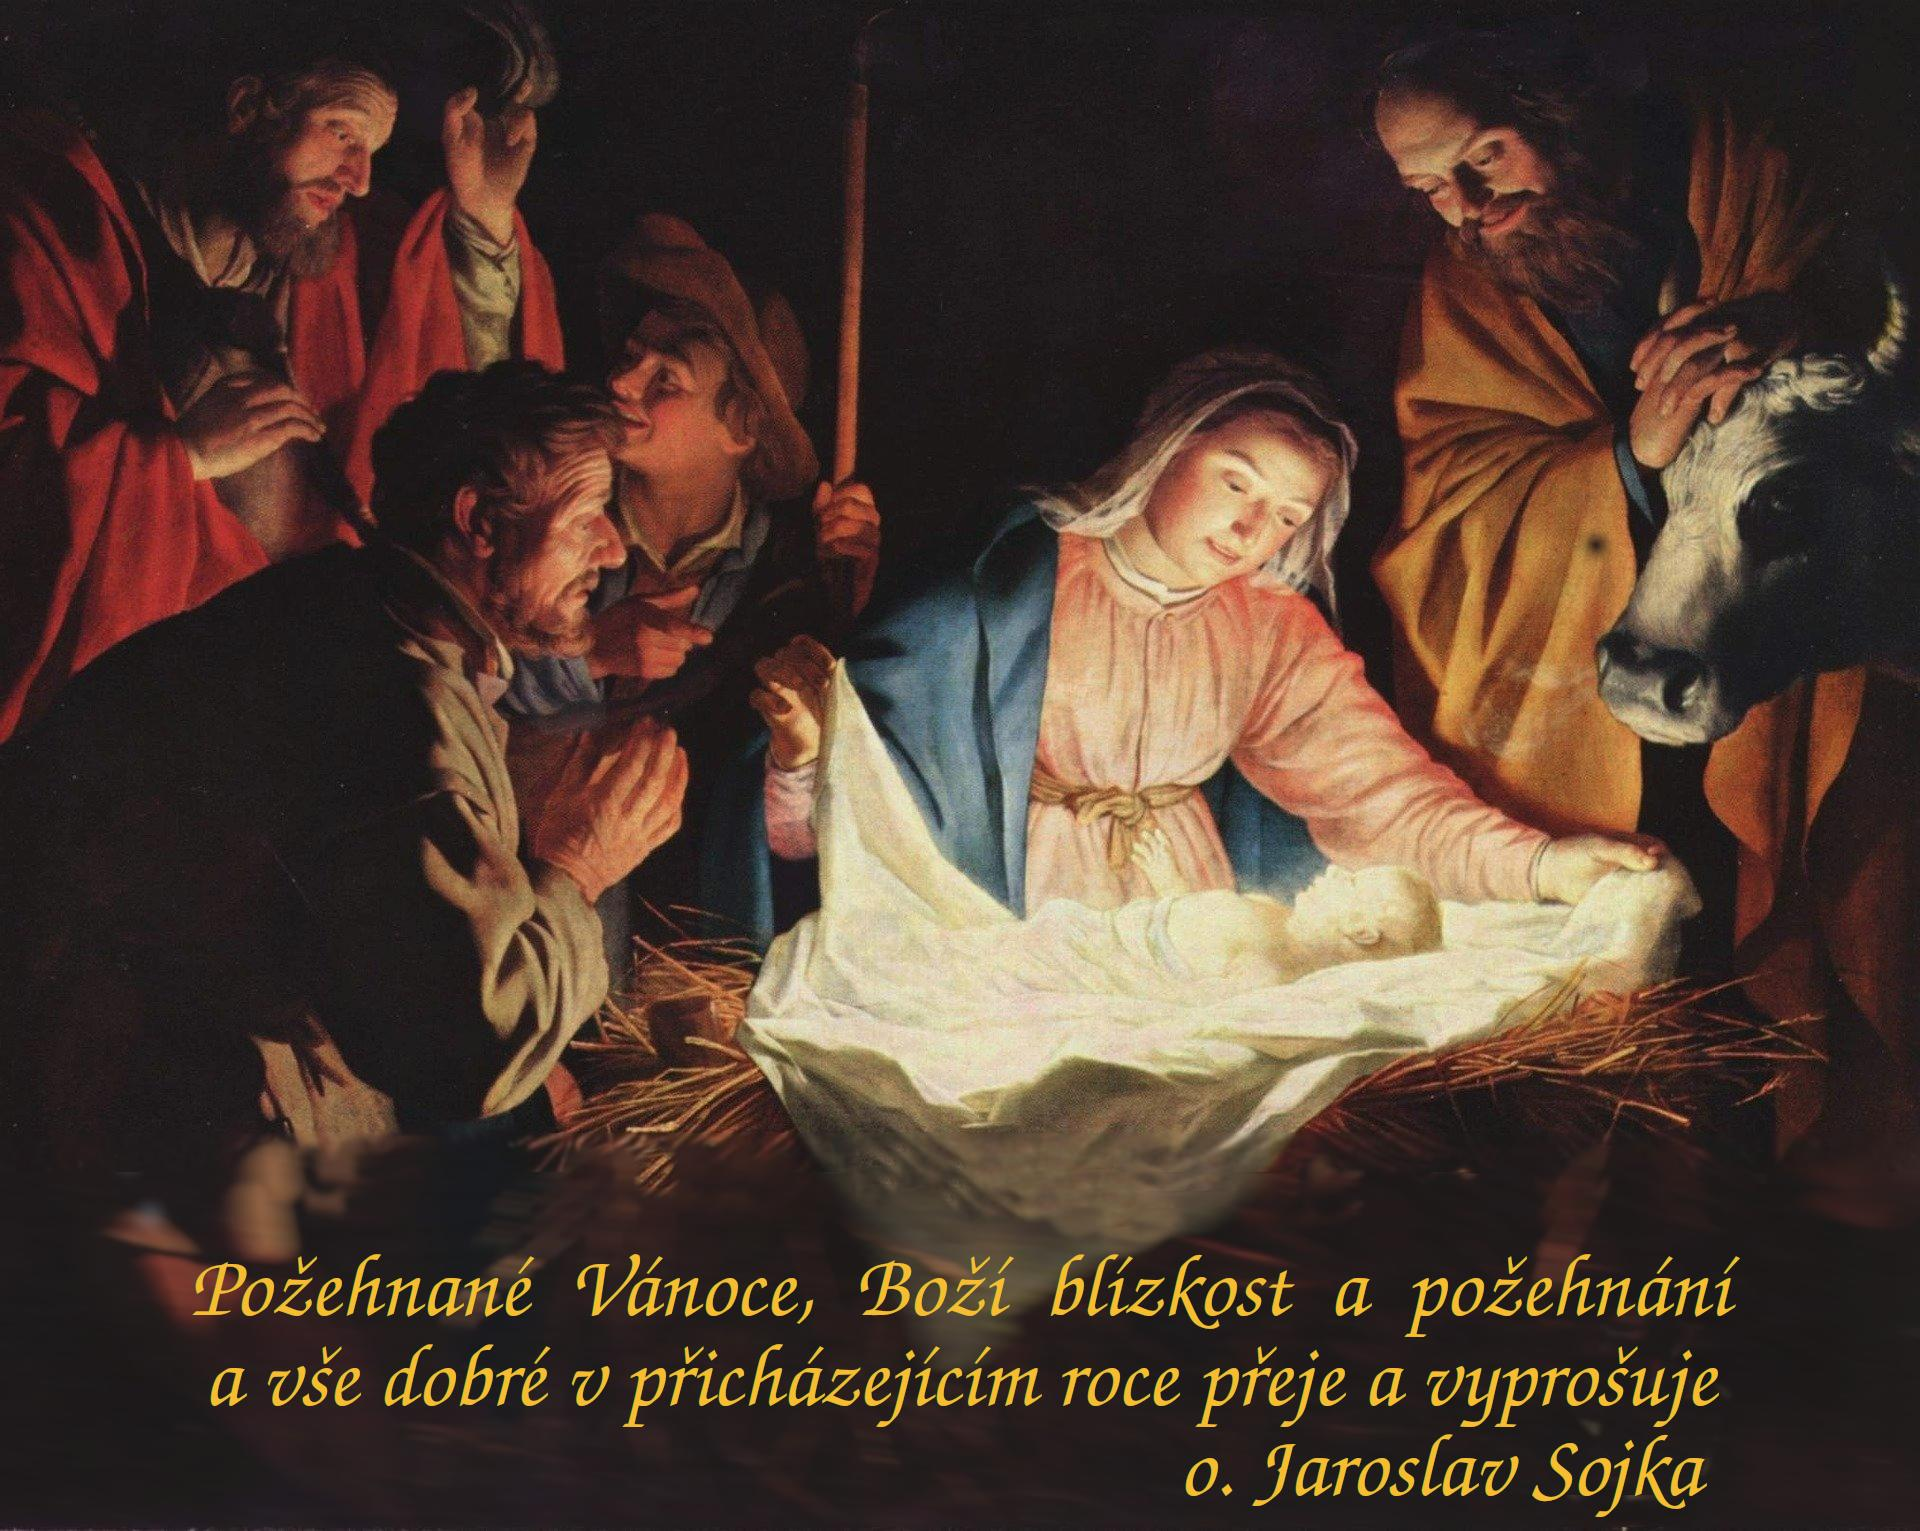 Požehnané Vánoce